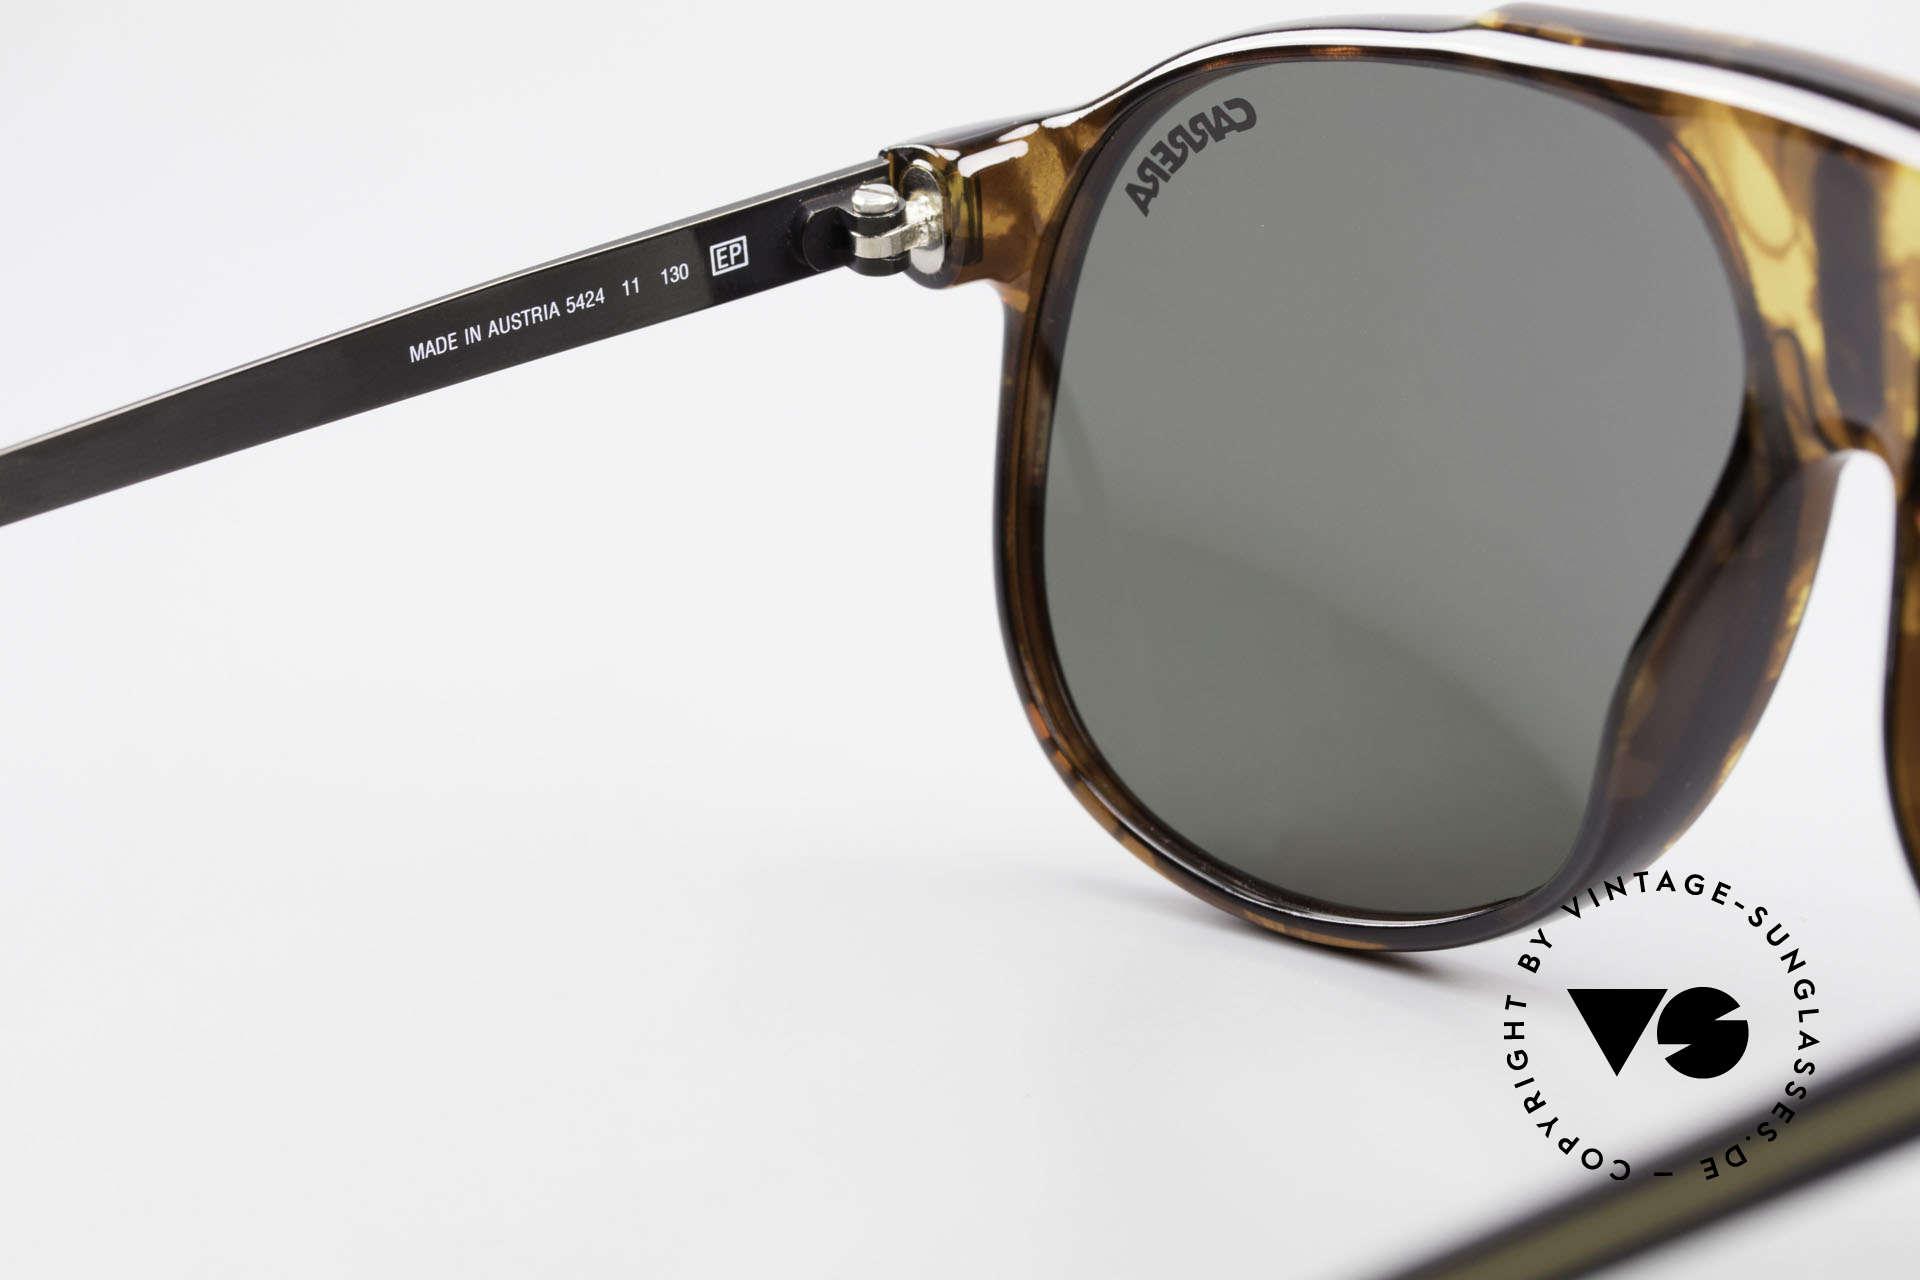 Carrera 5424 80er Aviator Sportsonnenbrille, ungetragen (wie alle unsere Carrera Sonnenbrillen), Passend für Herren